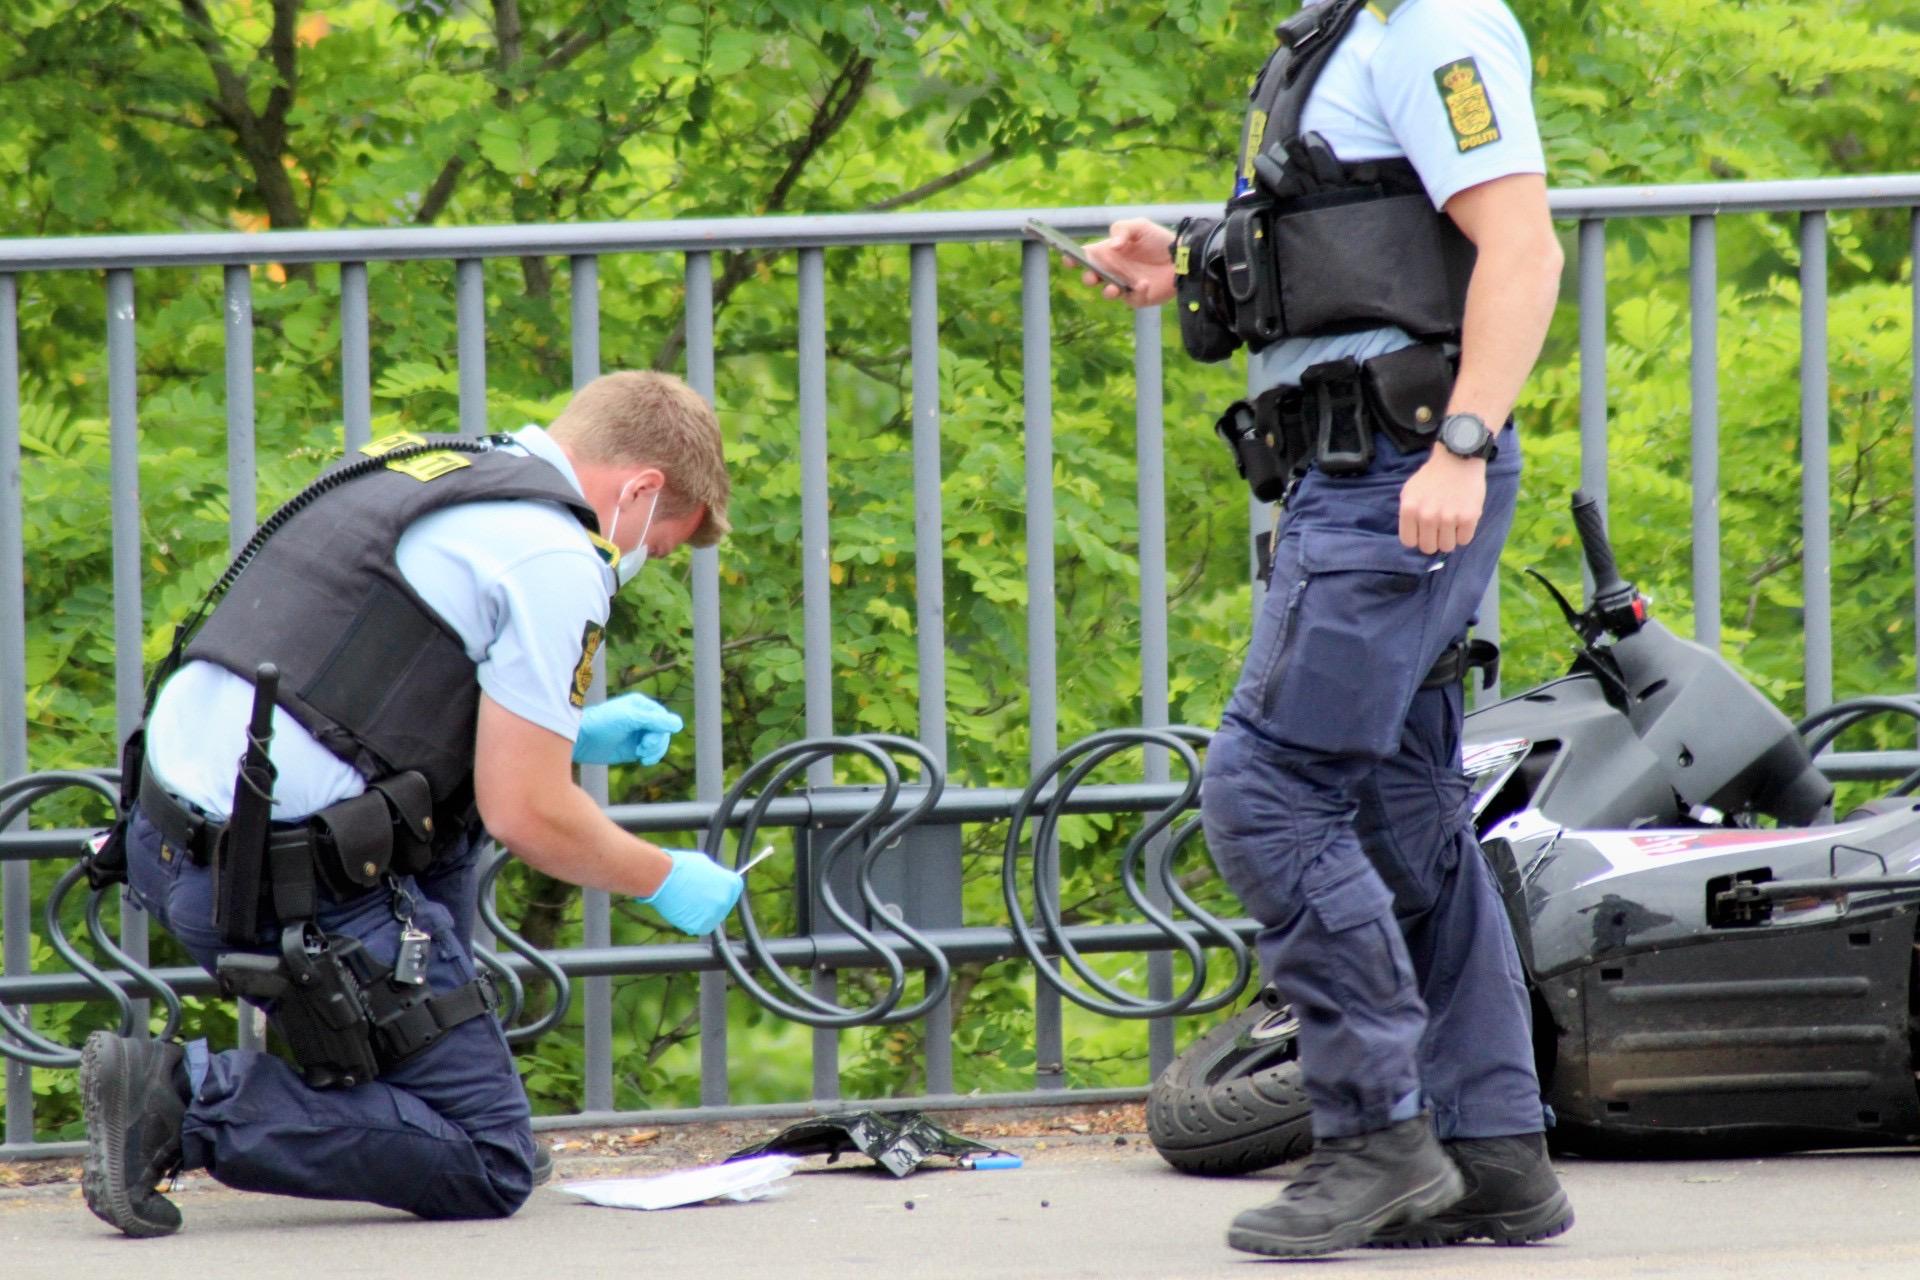 Politijagt endte med spring fra bro